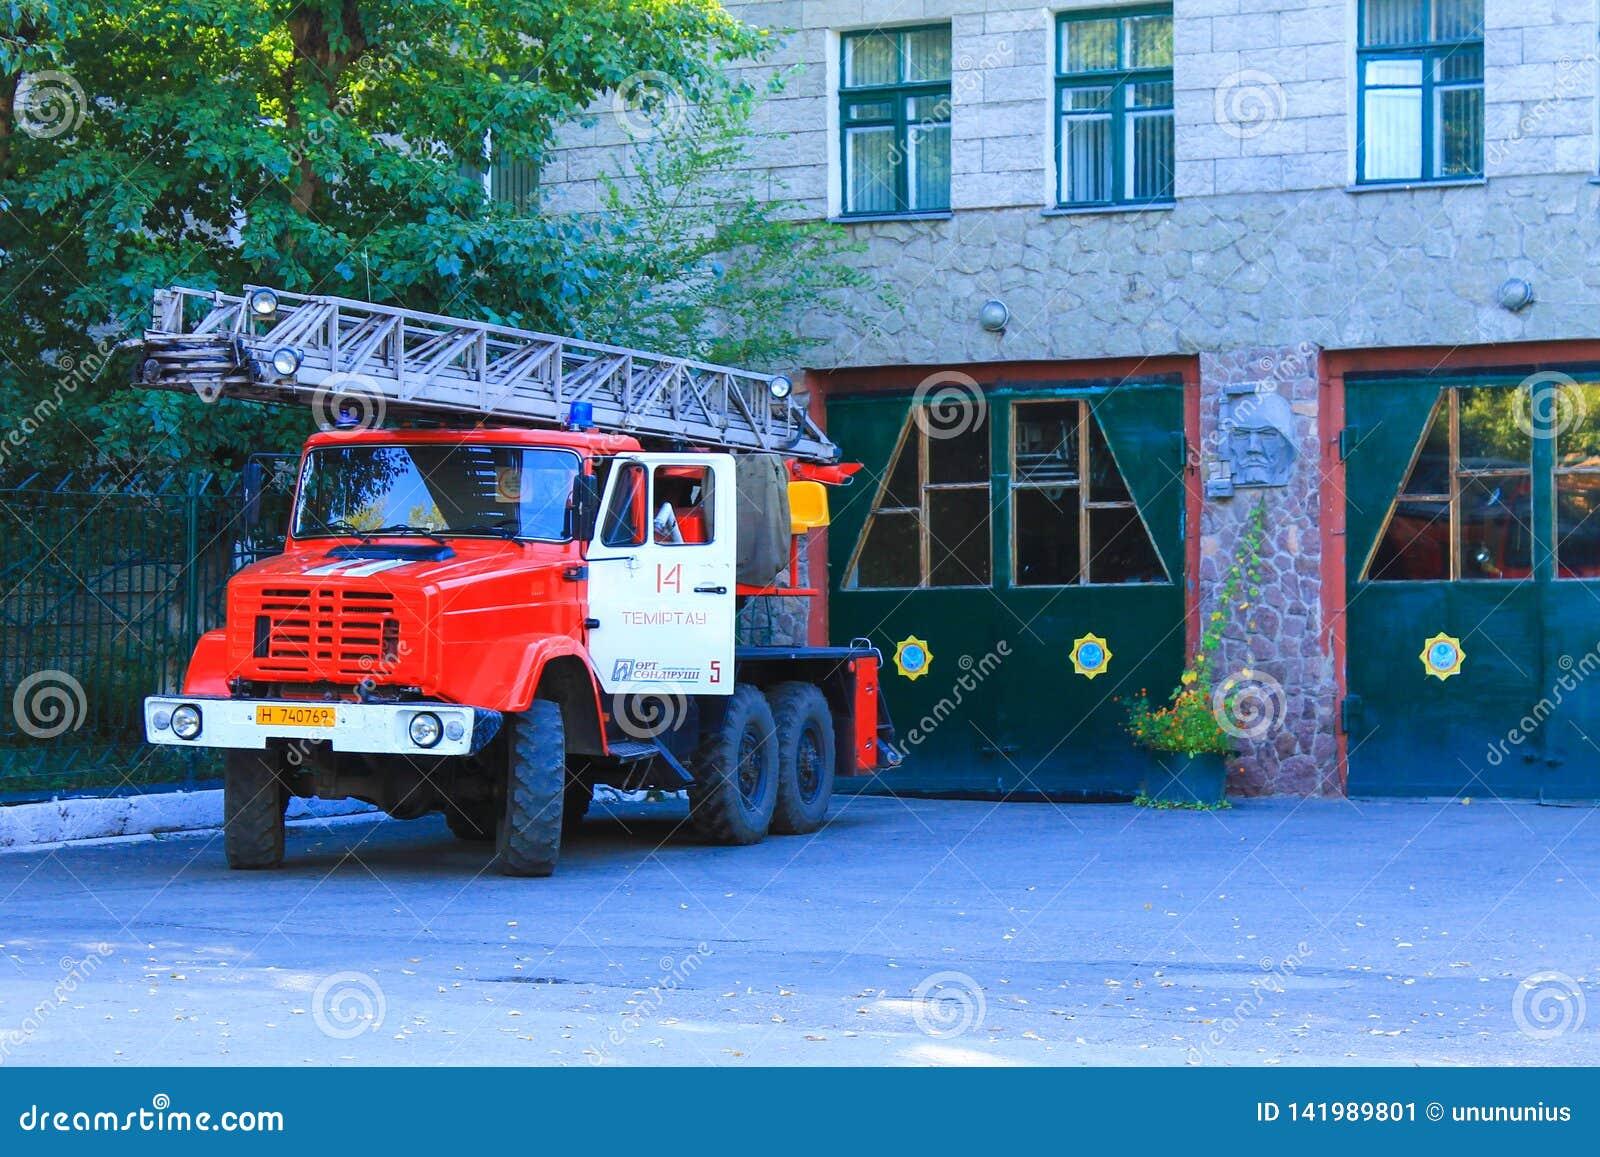 Χαρακτηριστικός τρόπος ζωής Καζακστάν Να στηριχτεί της κεντρικής πυροσβεστικής υπηρεσίας και του παραδοσιακού κόκκινου πυροσβεστι